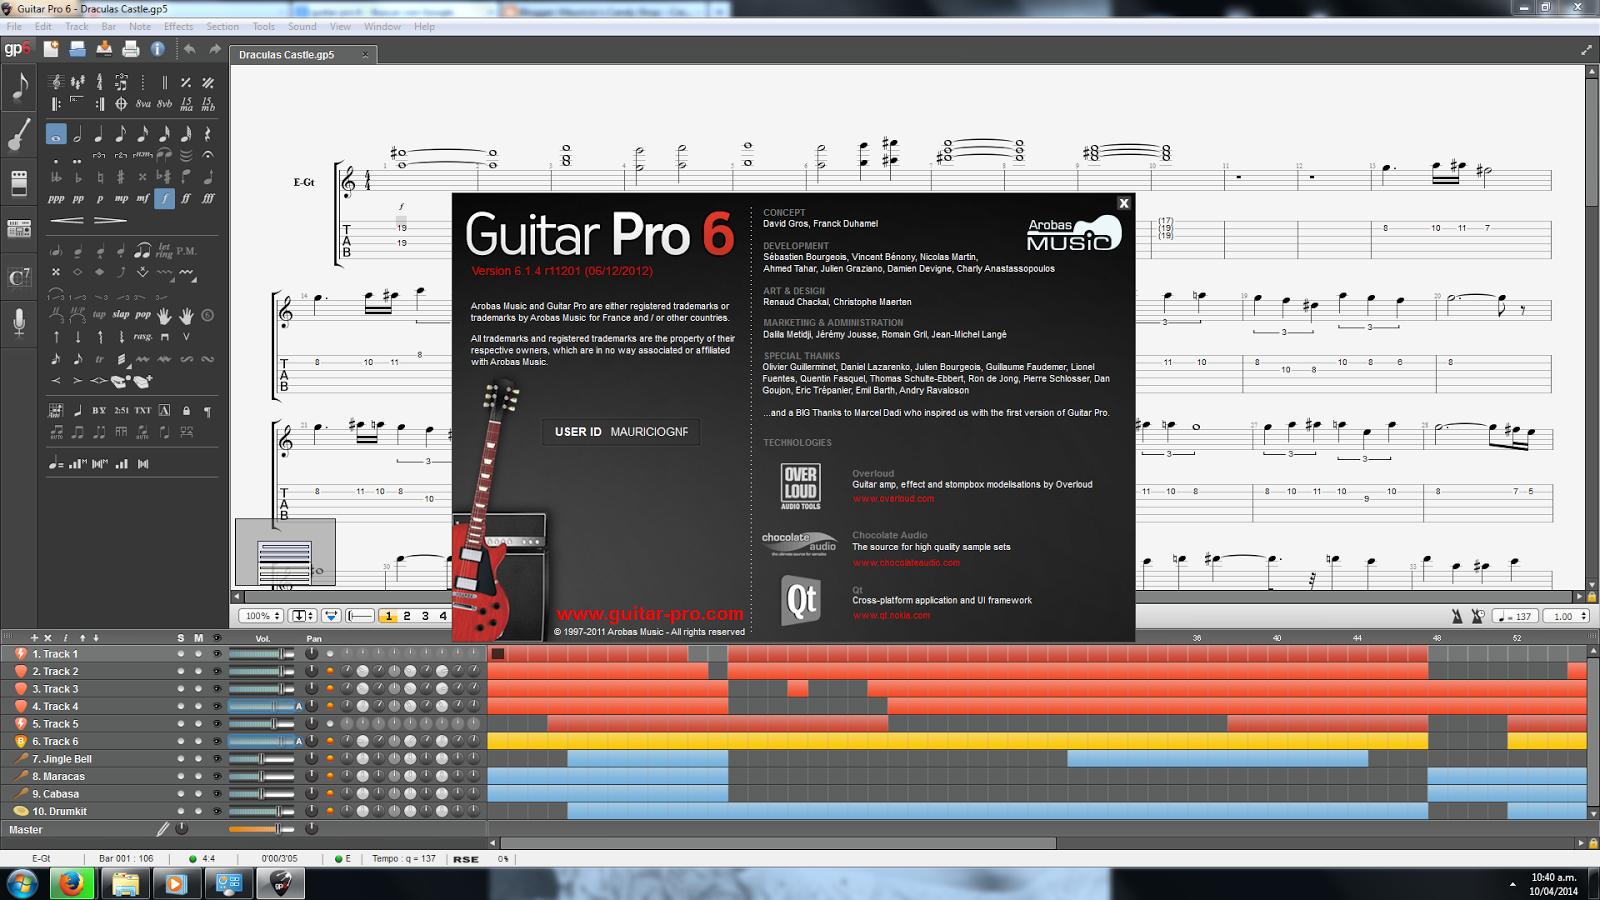 Ventana Acerca de Guitar pro